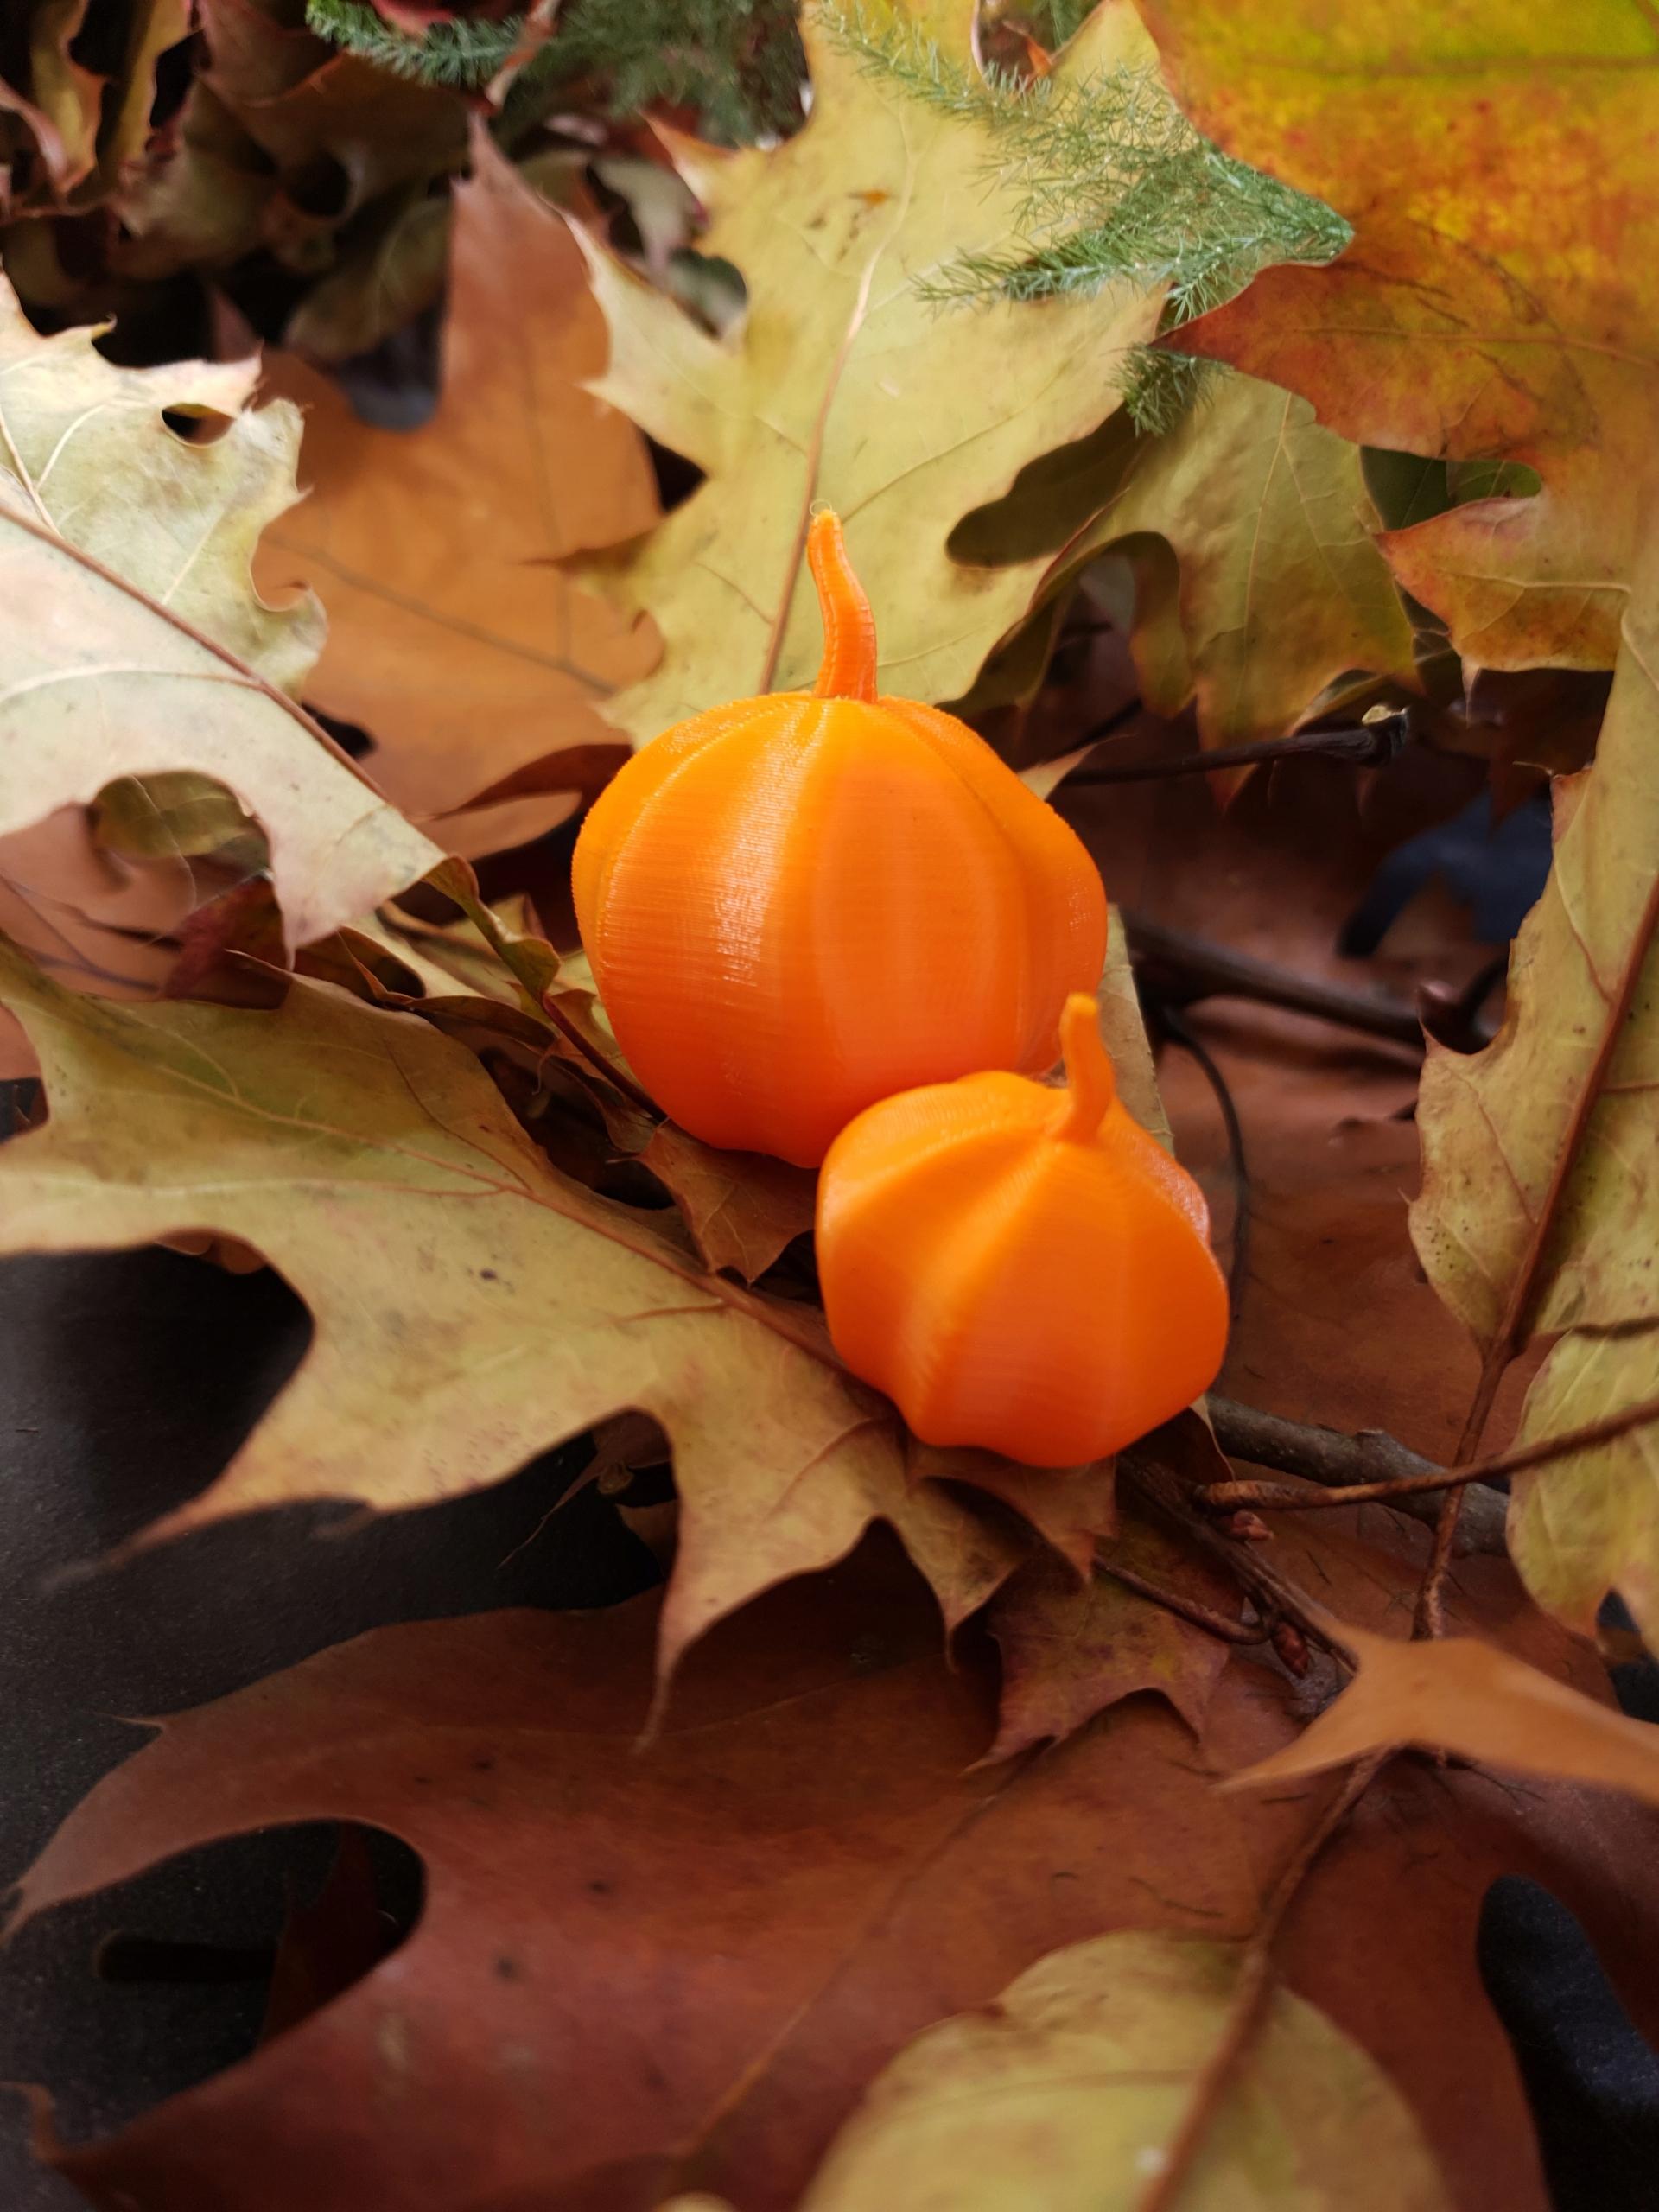 Фигурка из оранжевой тыквы, украшение, высота ок. 2,8 см